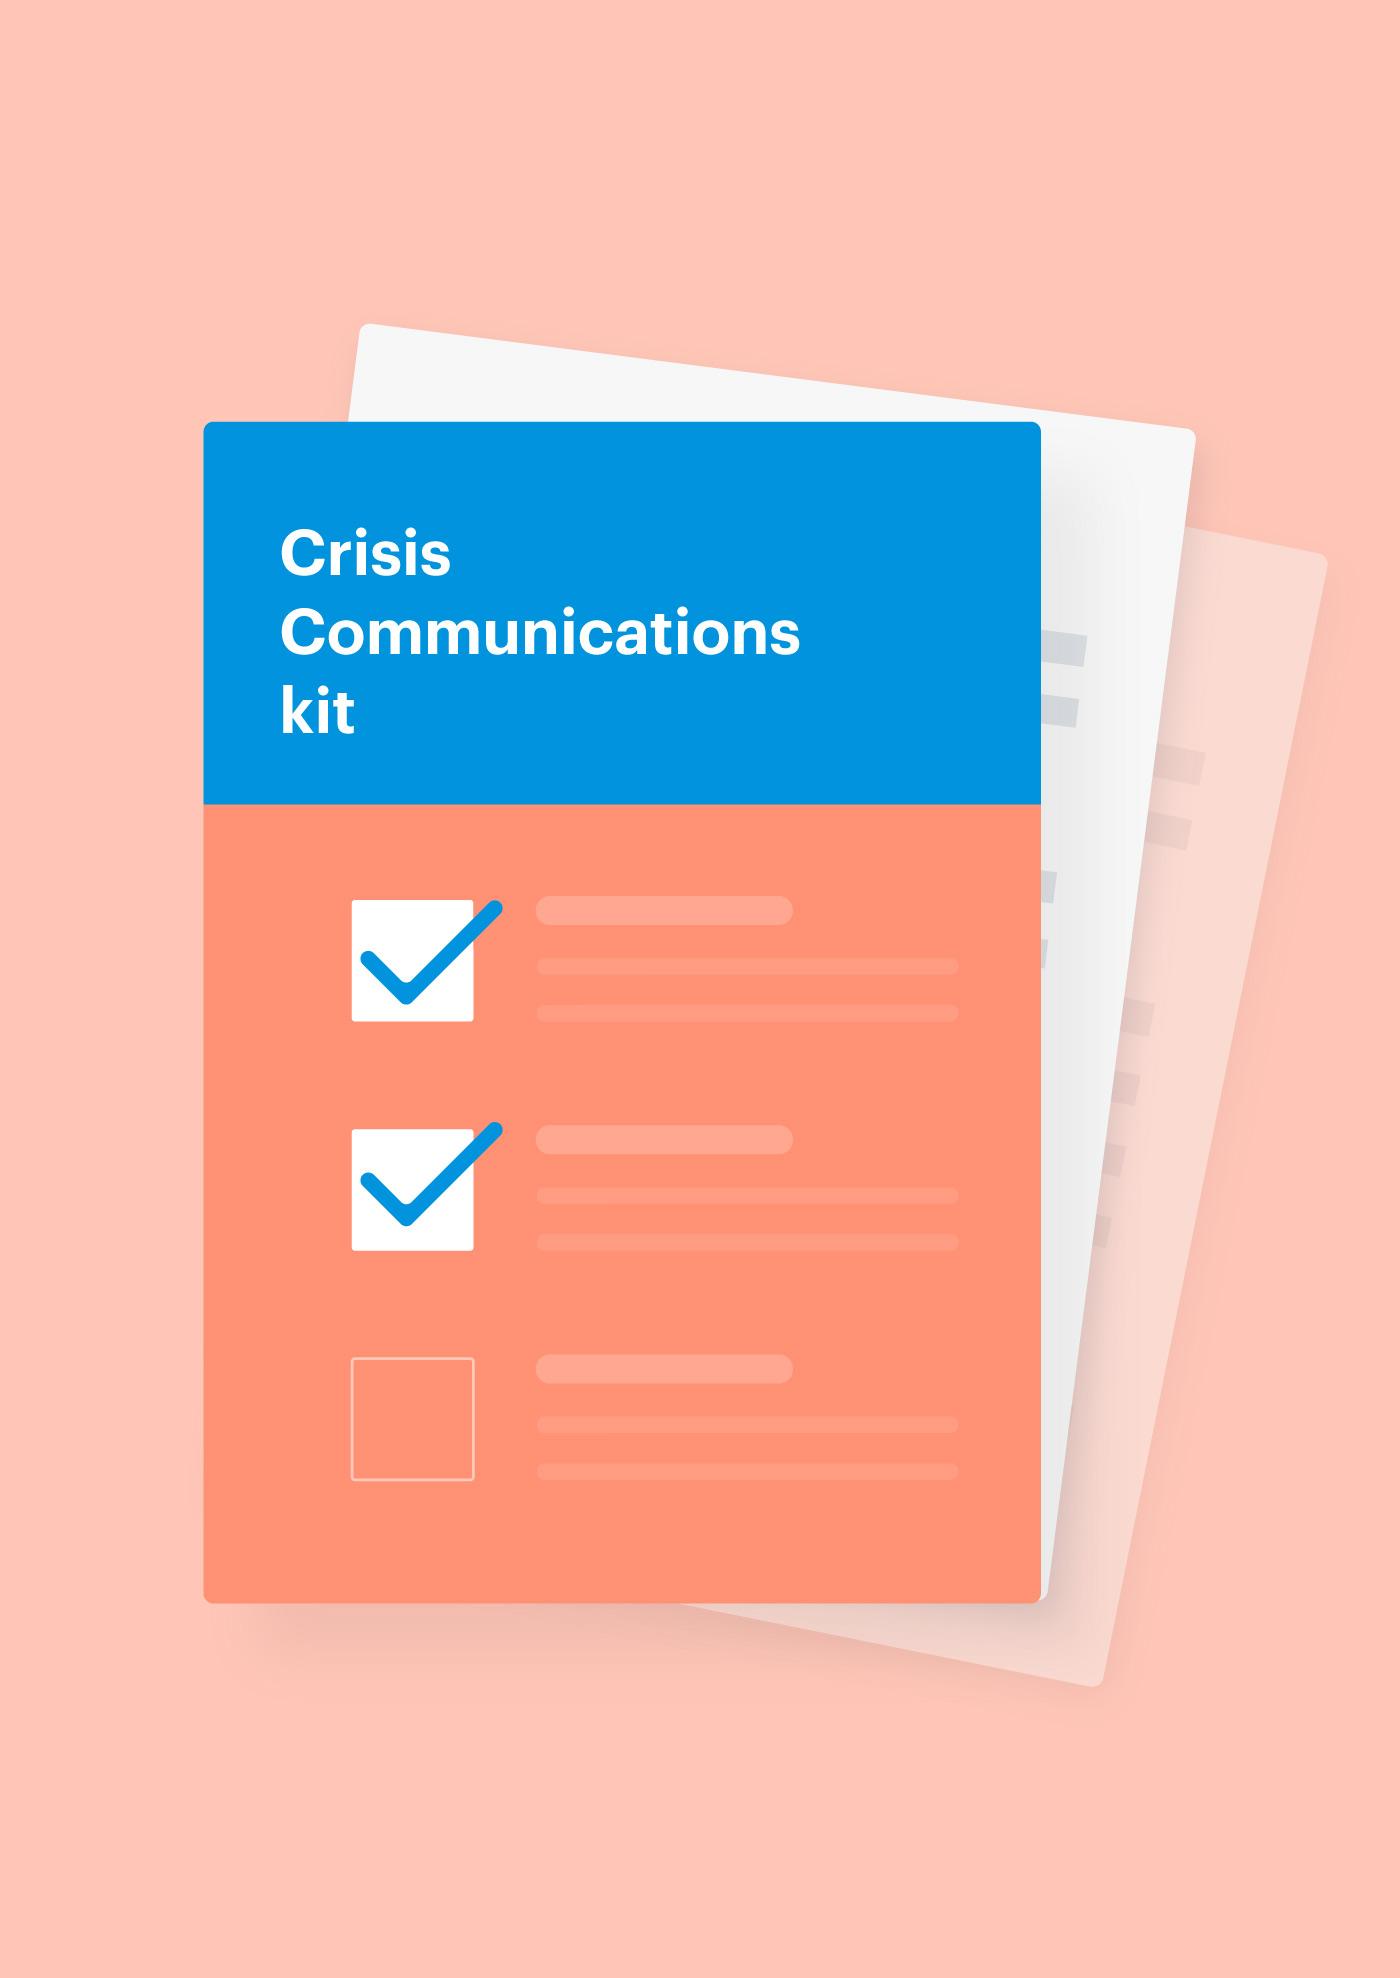 Landing_page_crisis_kit